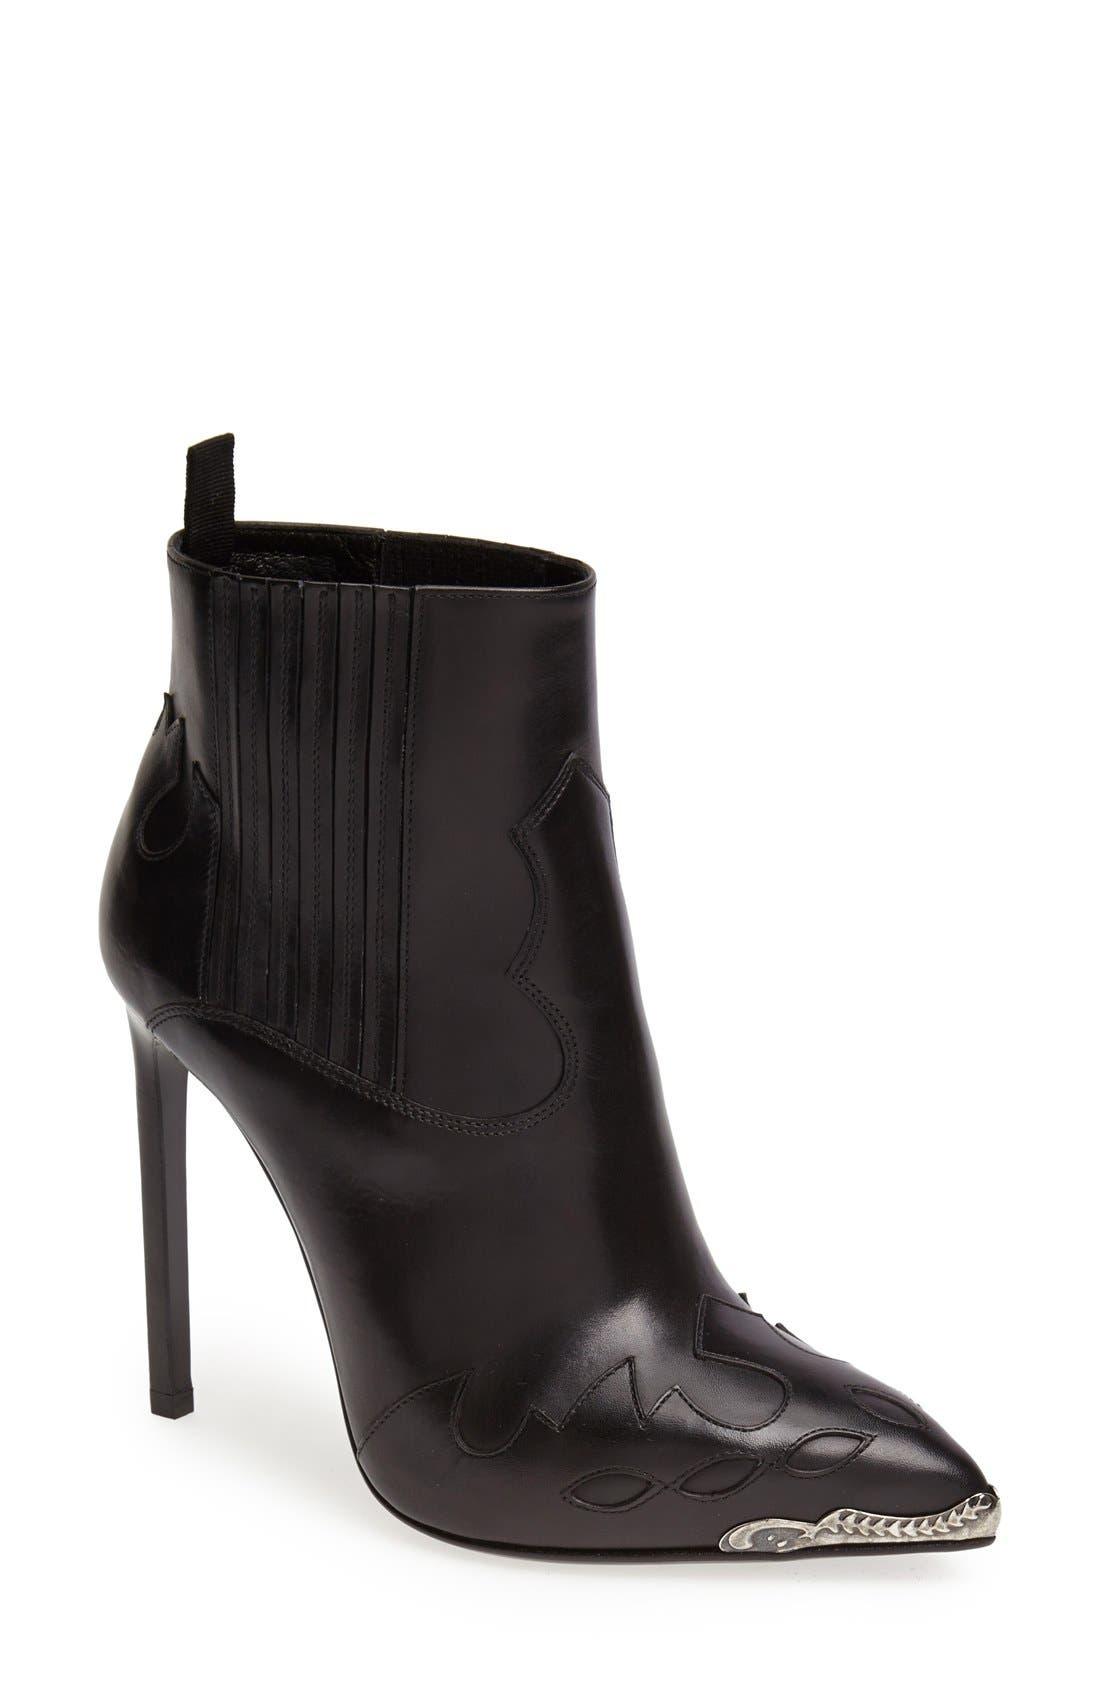 Alternate Image 1 Selected - Saint Laurent Metallic Toe Bootie (Women)